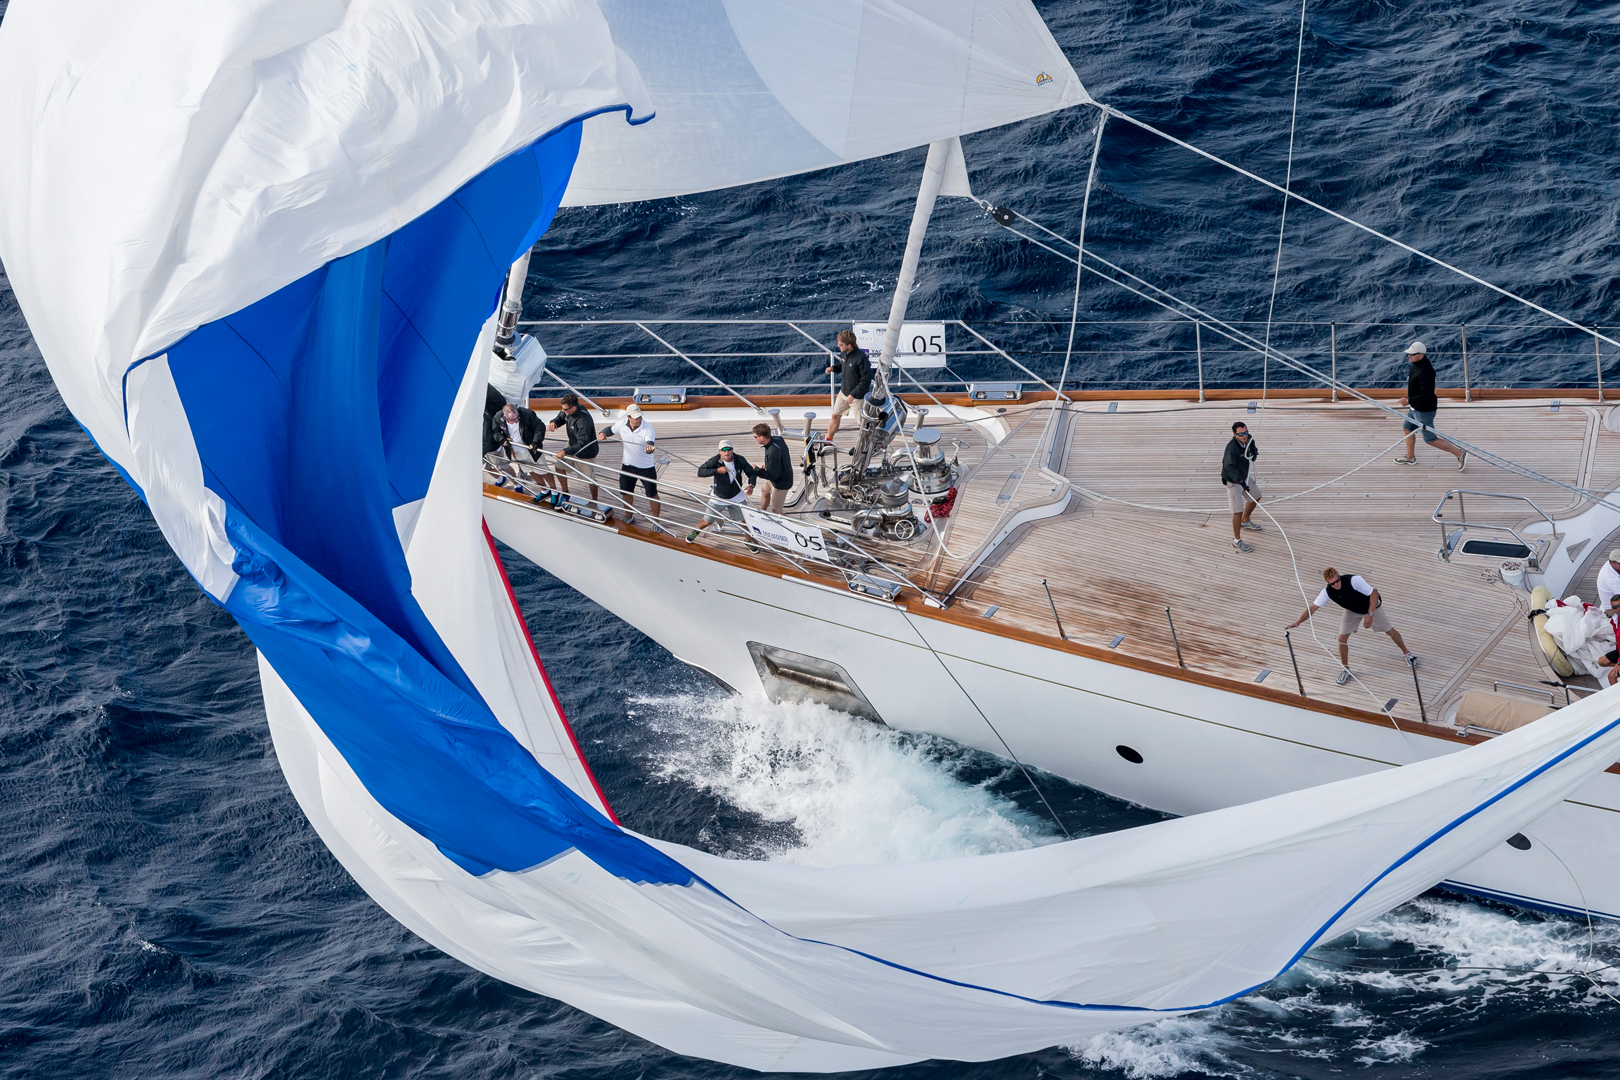 sailing-gallery-racing-4.jpg